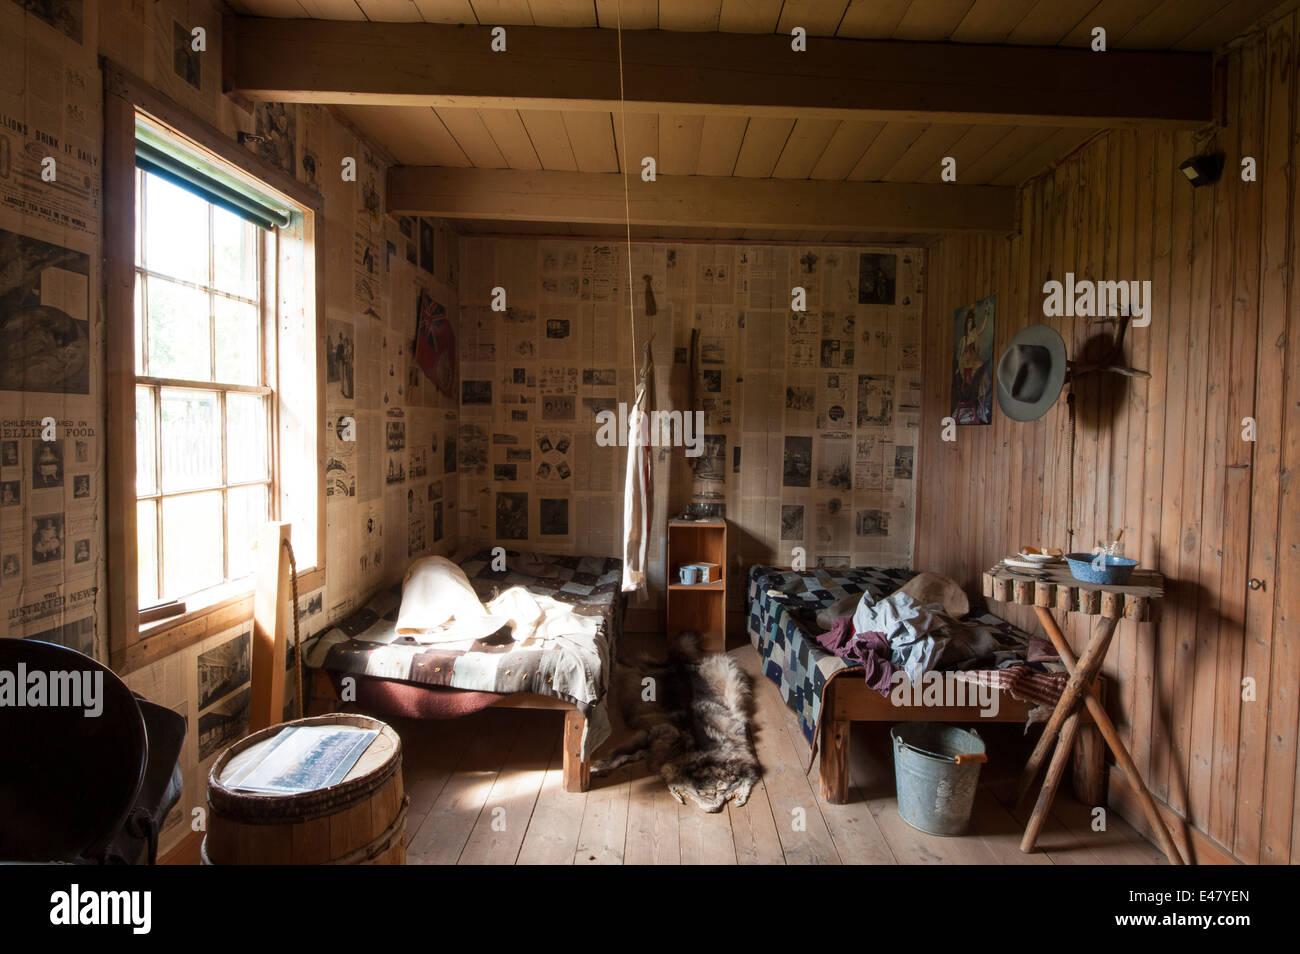 Alte Betten Schlafzimmer Möbel Blockhütte anzeigen Fort Saint St ...